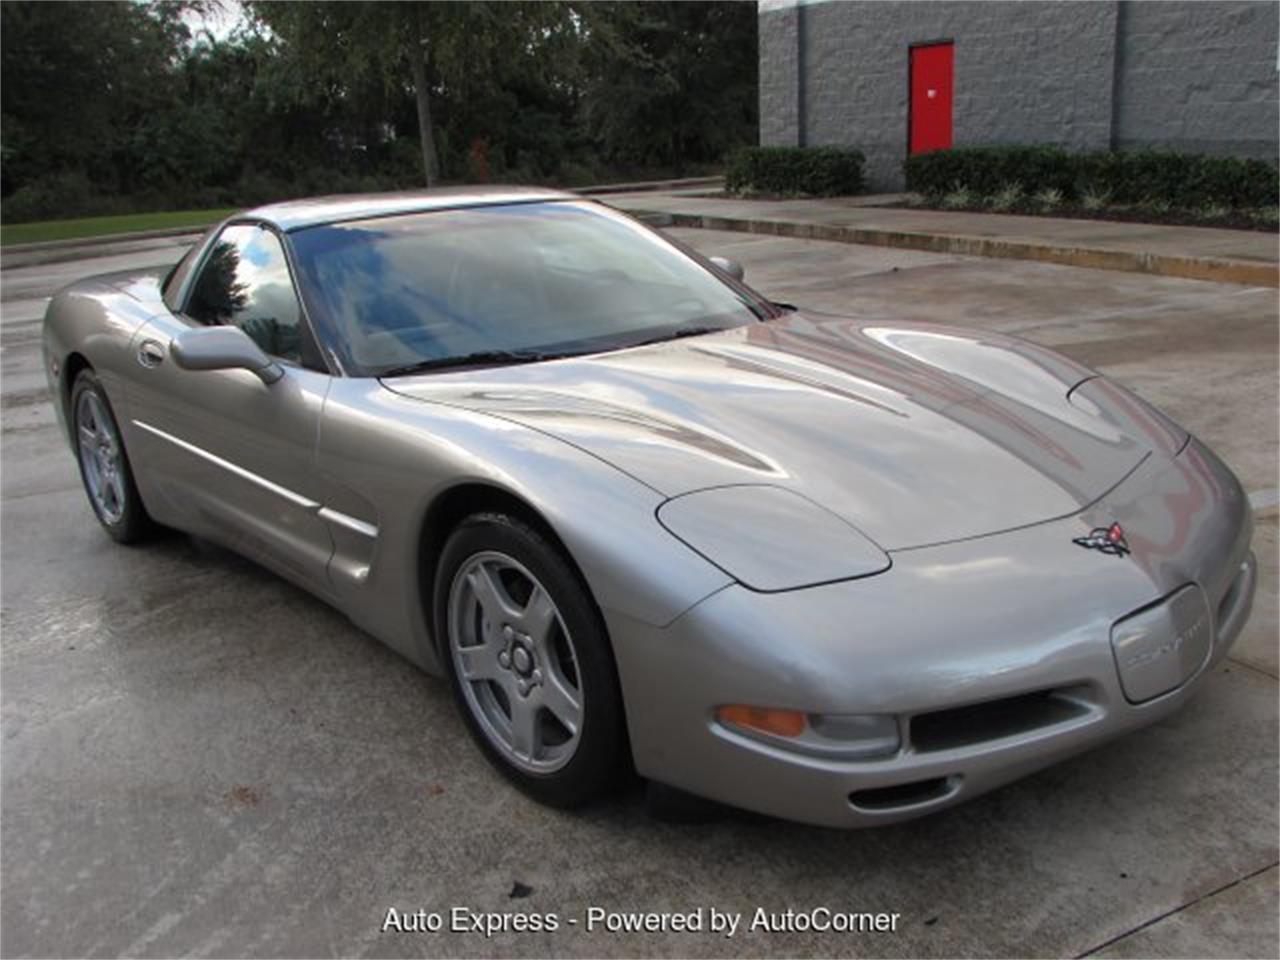 1999 Corvette For Sale >> 1999 Chevrolet Corvette For Sale Classiccars Com Cc 1163802